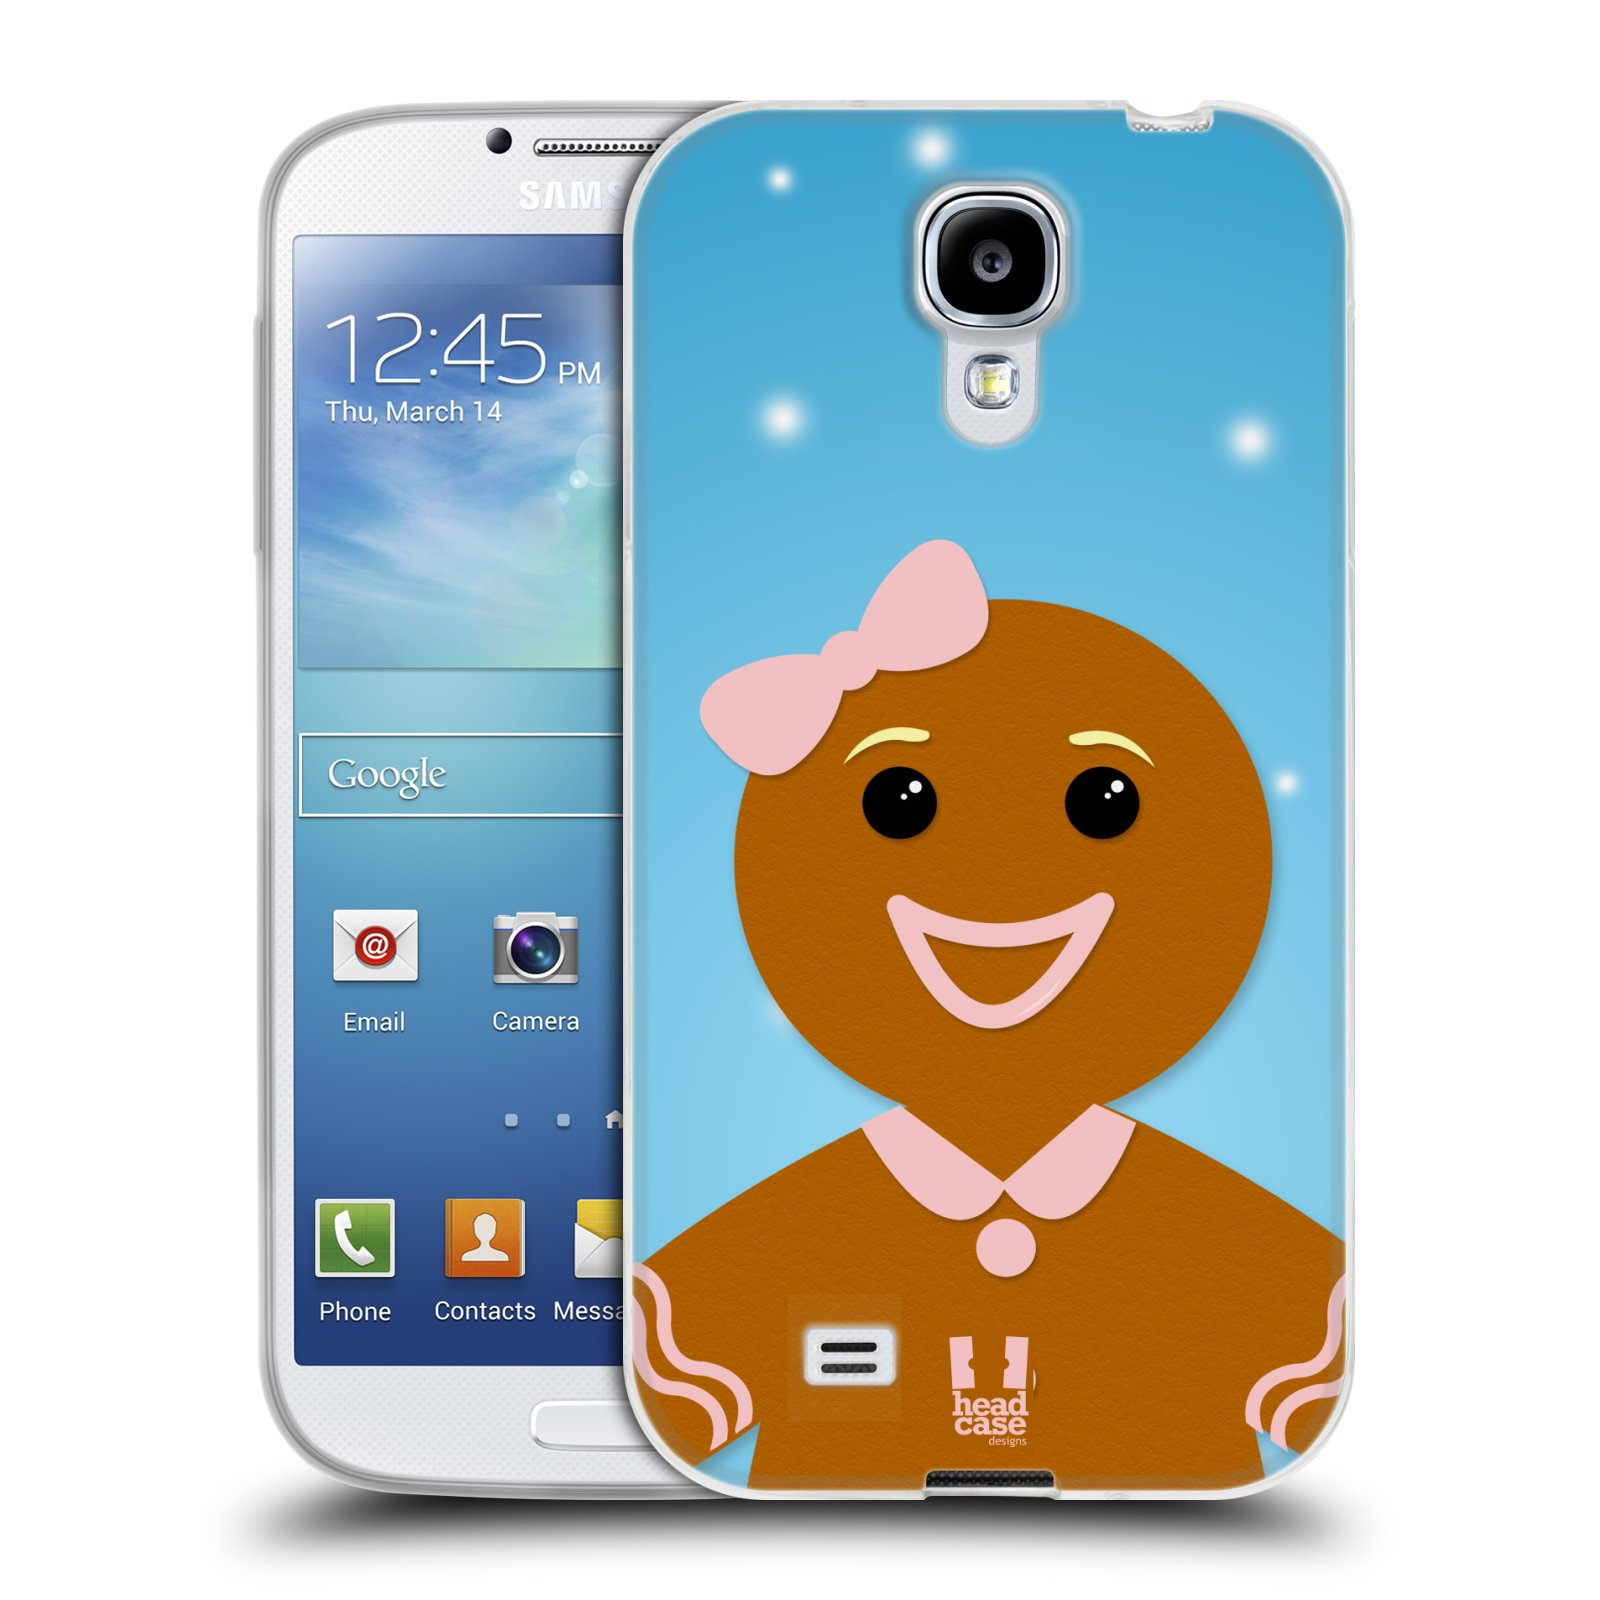 Silikonové pouzdro na mobil Samsung Galaxy S4 HEAD CASE VÁNOCE PERNÍČEK (Silikonový kryt či obal na mobilní telefon Samsung Galaxy S4 GT-i9505 / i9500)